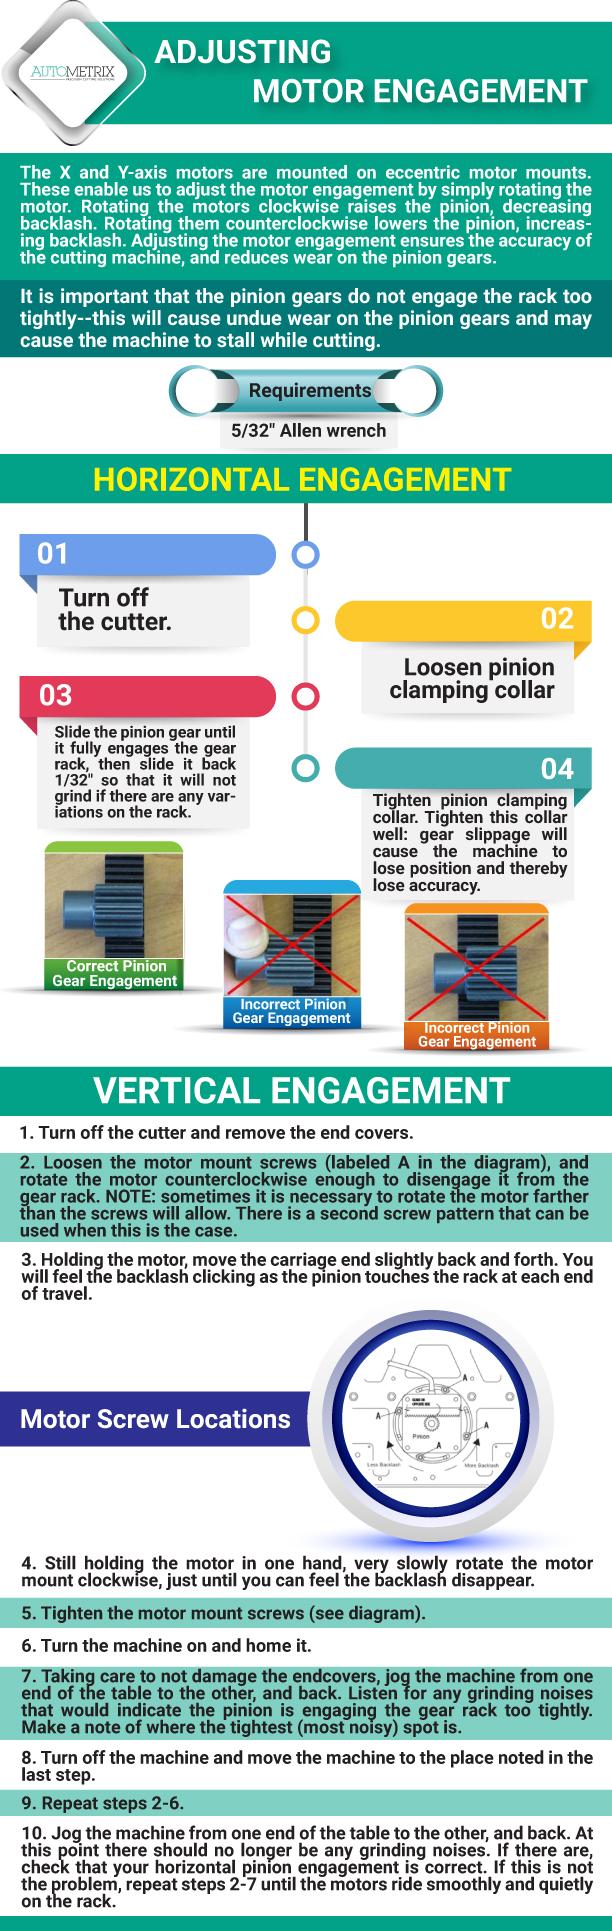 Adjusting your motor engagement